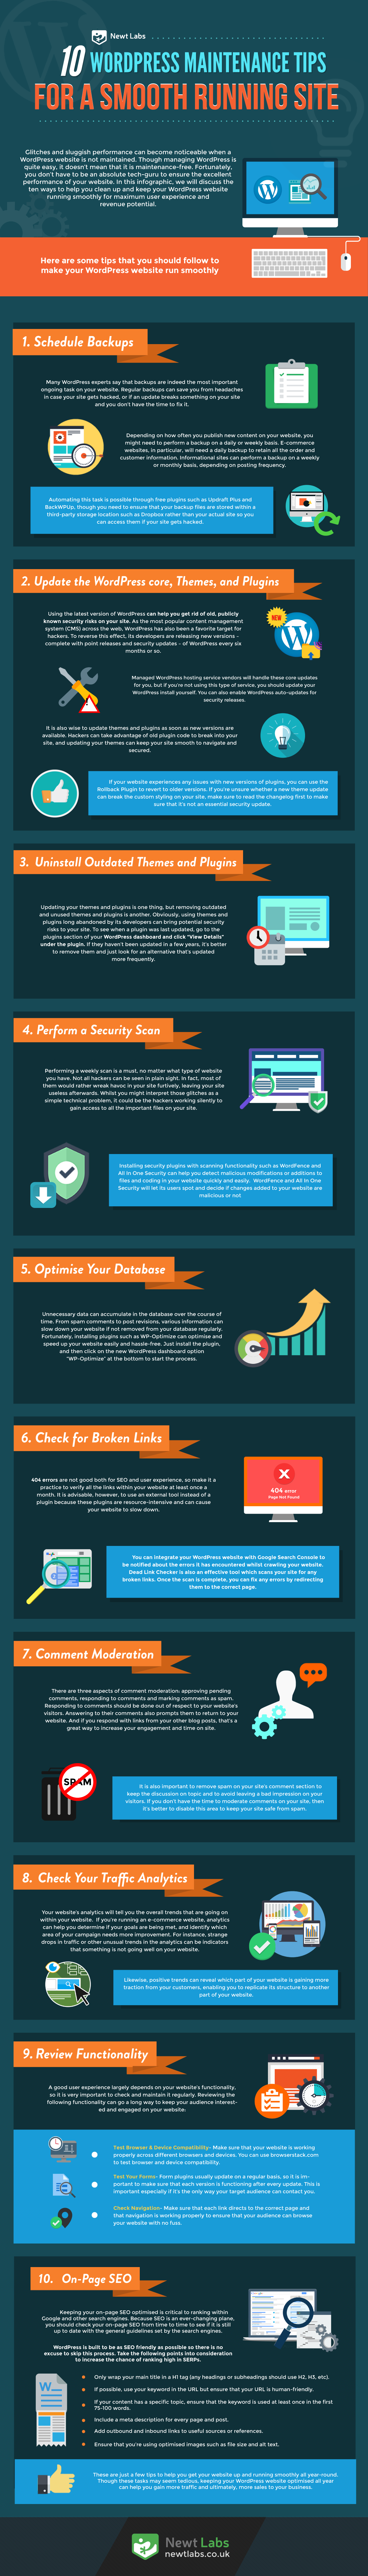 wordpress maintenance tips infographic